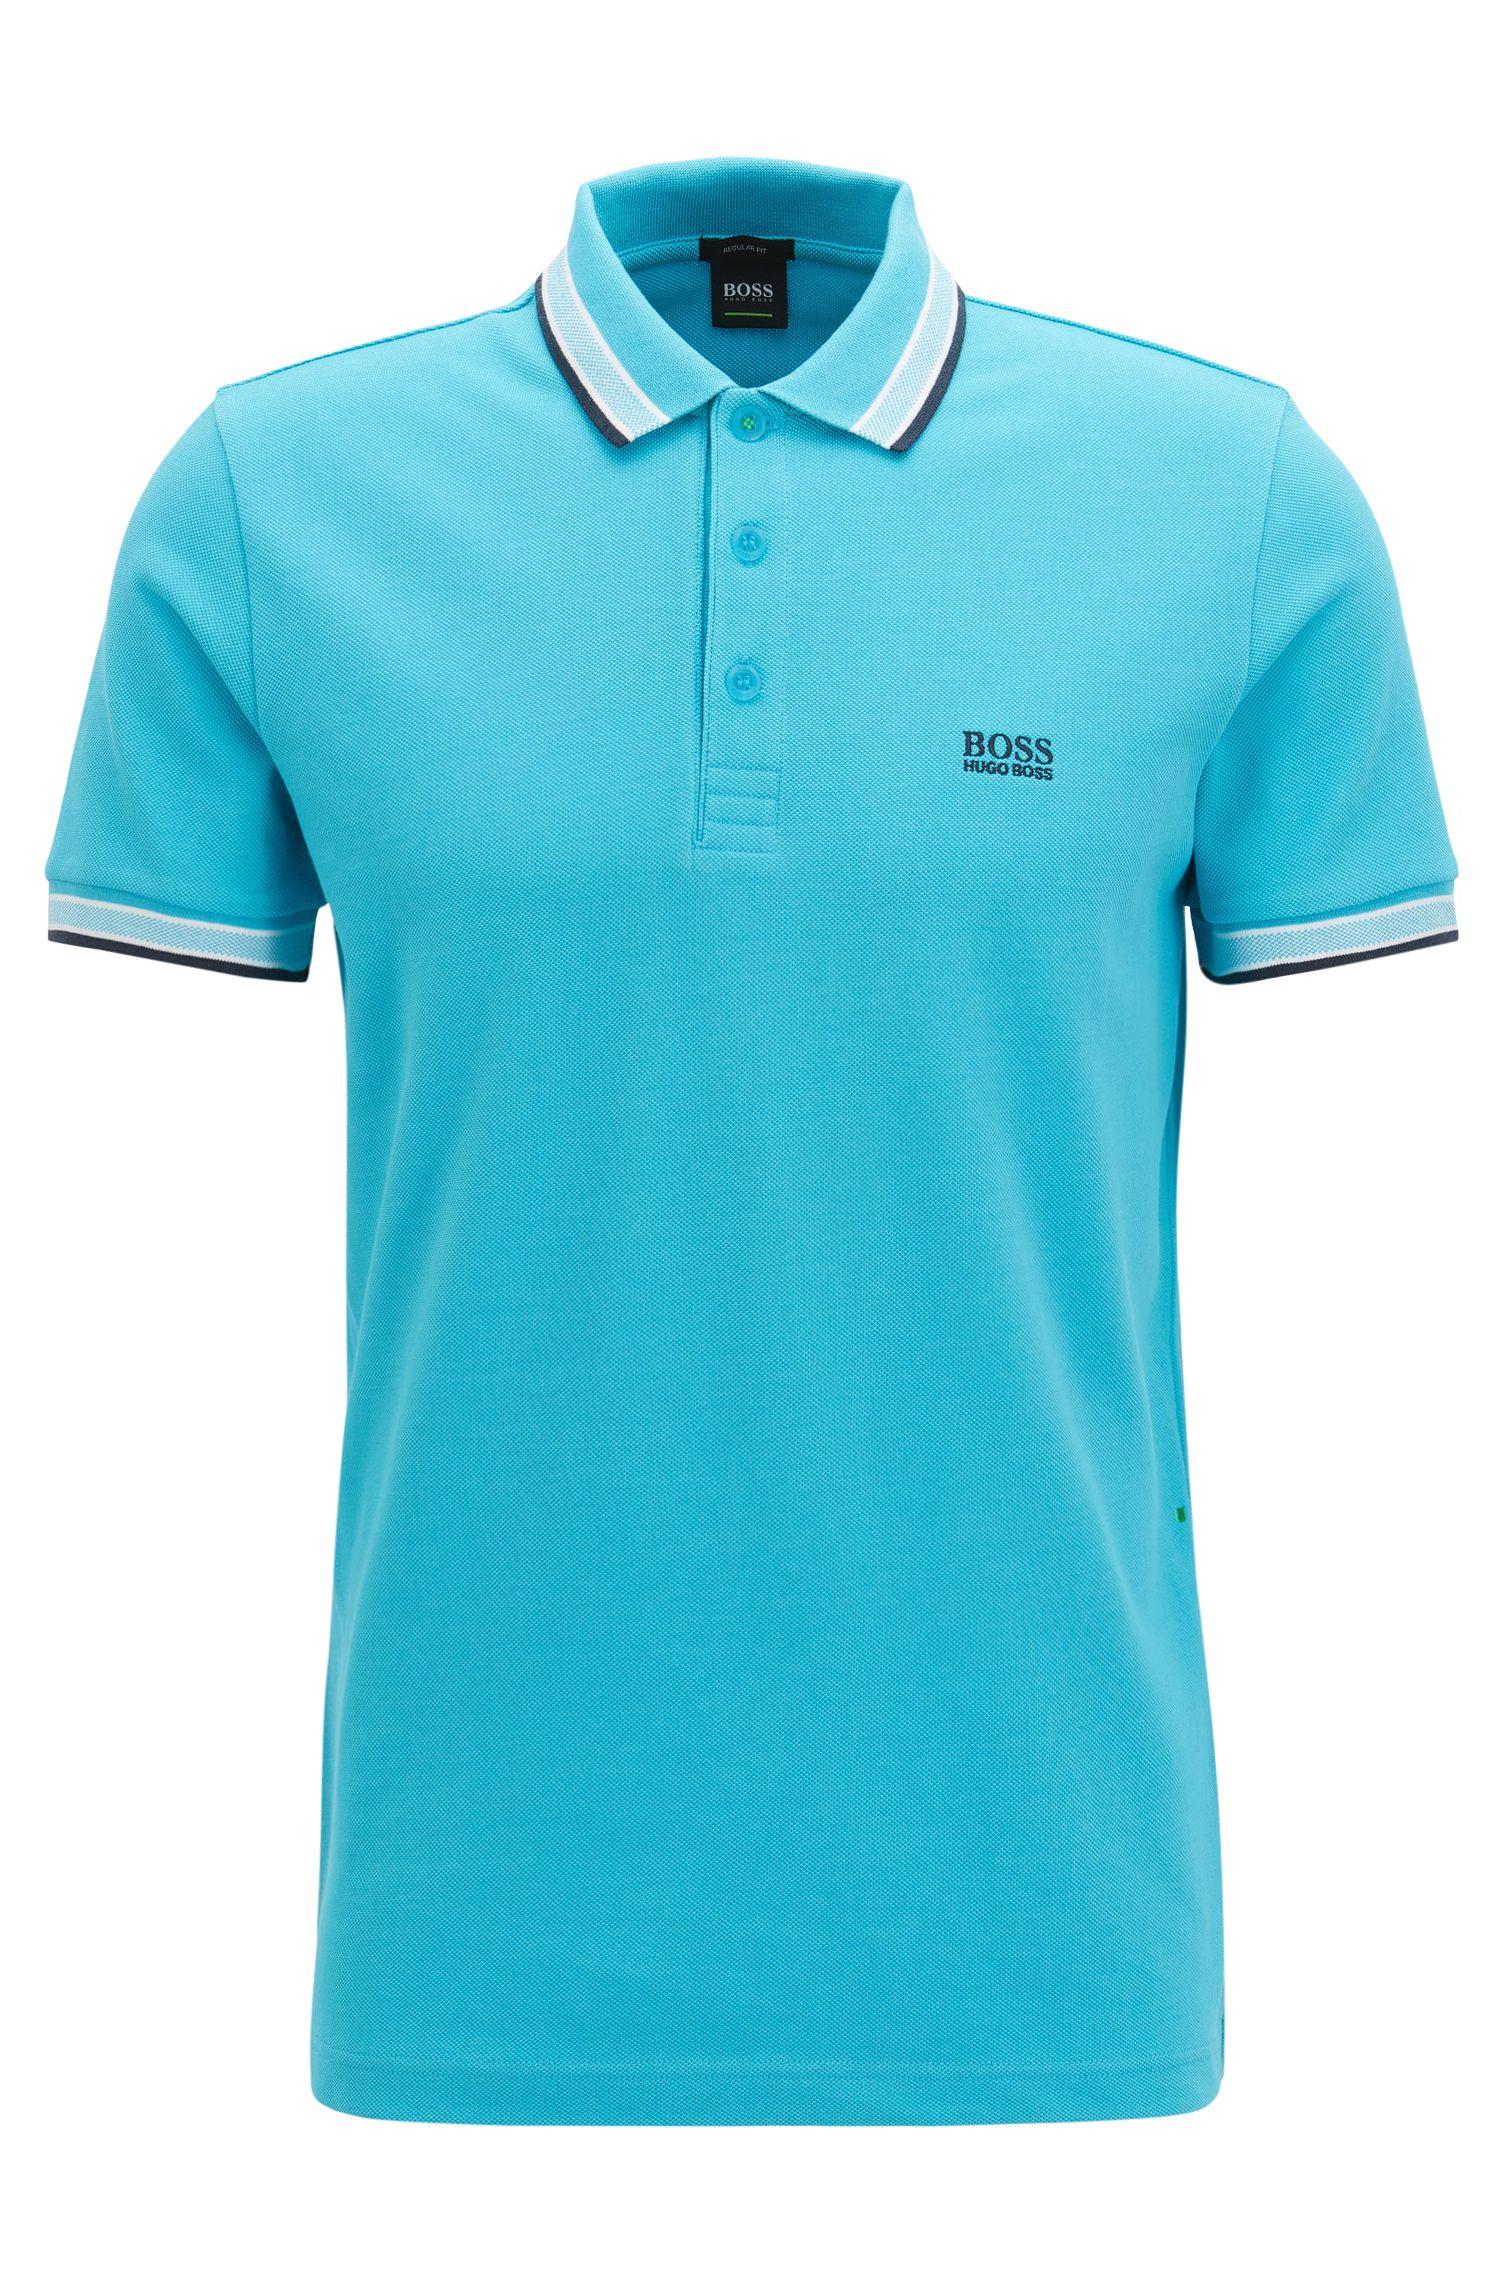 Regular-Fit Poloshirt aus Baumwoll-Piqué